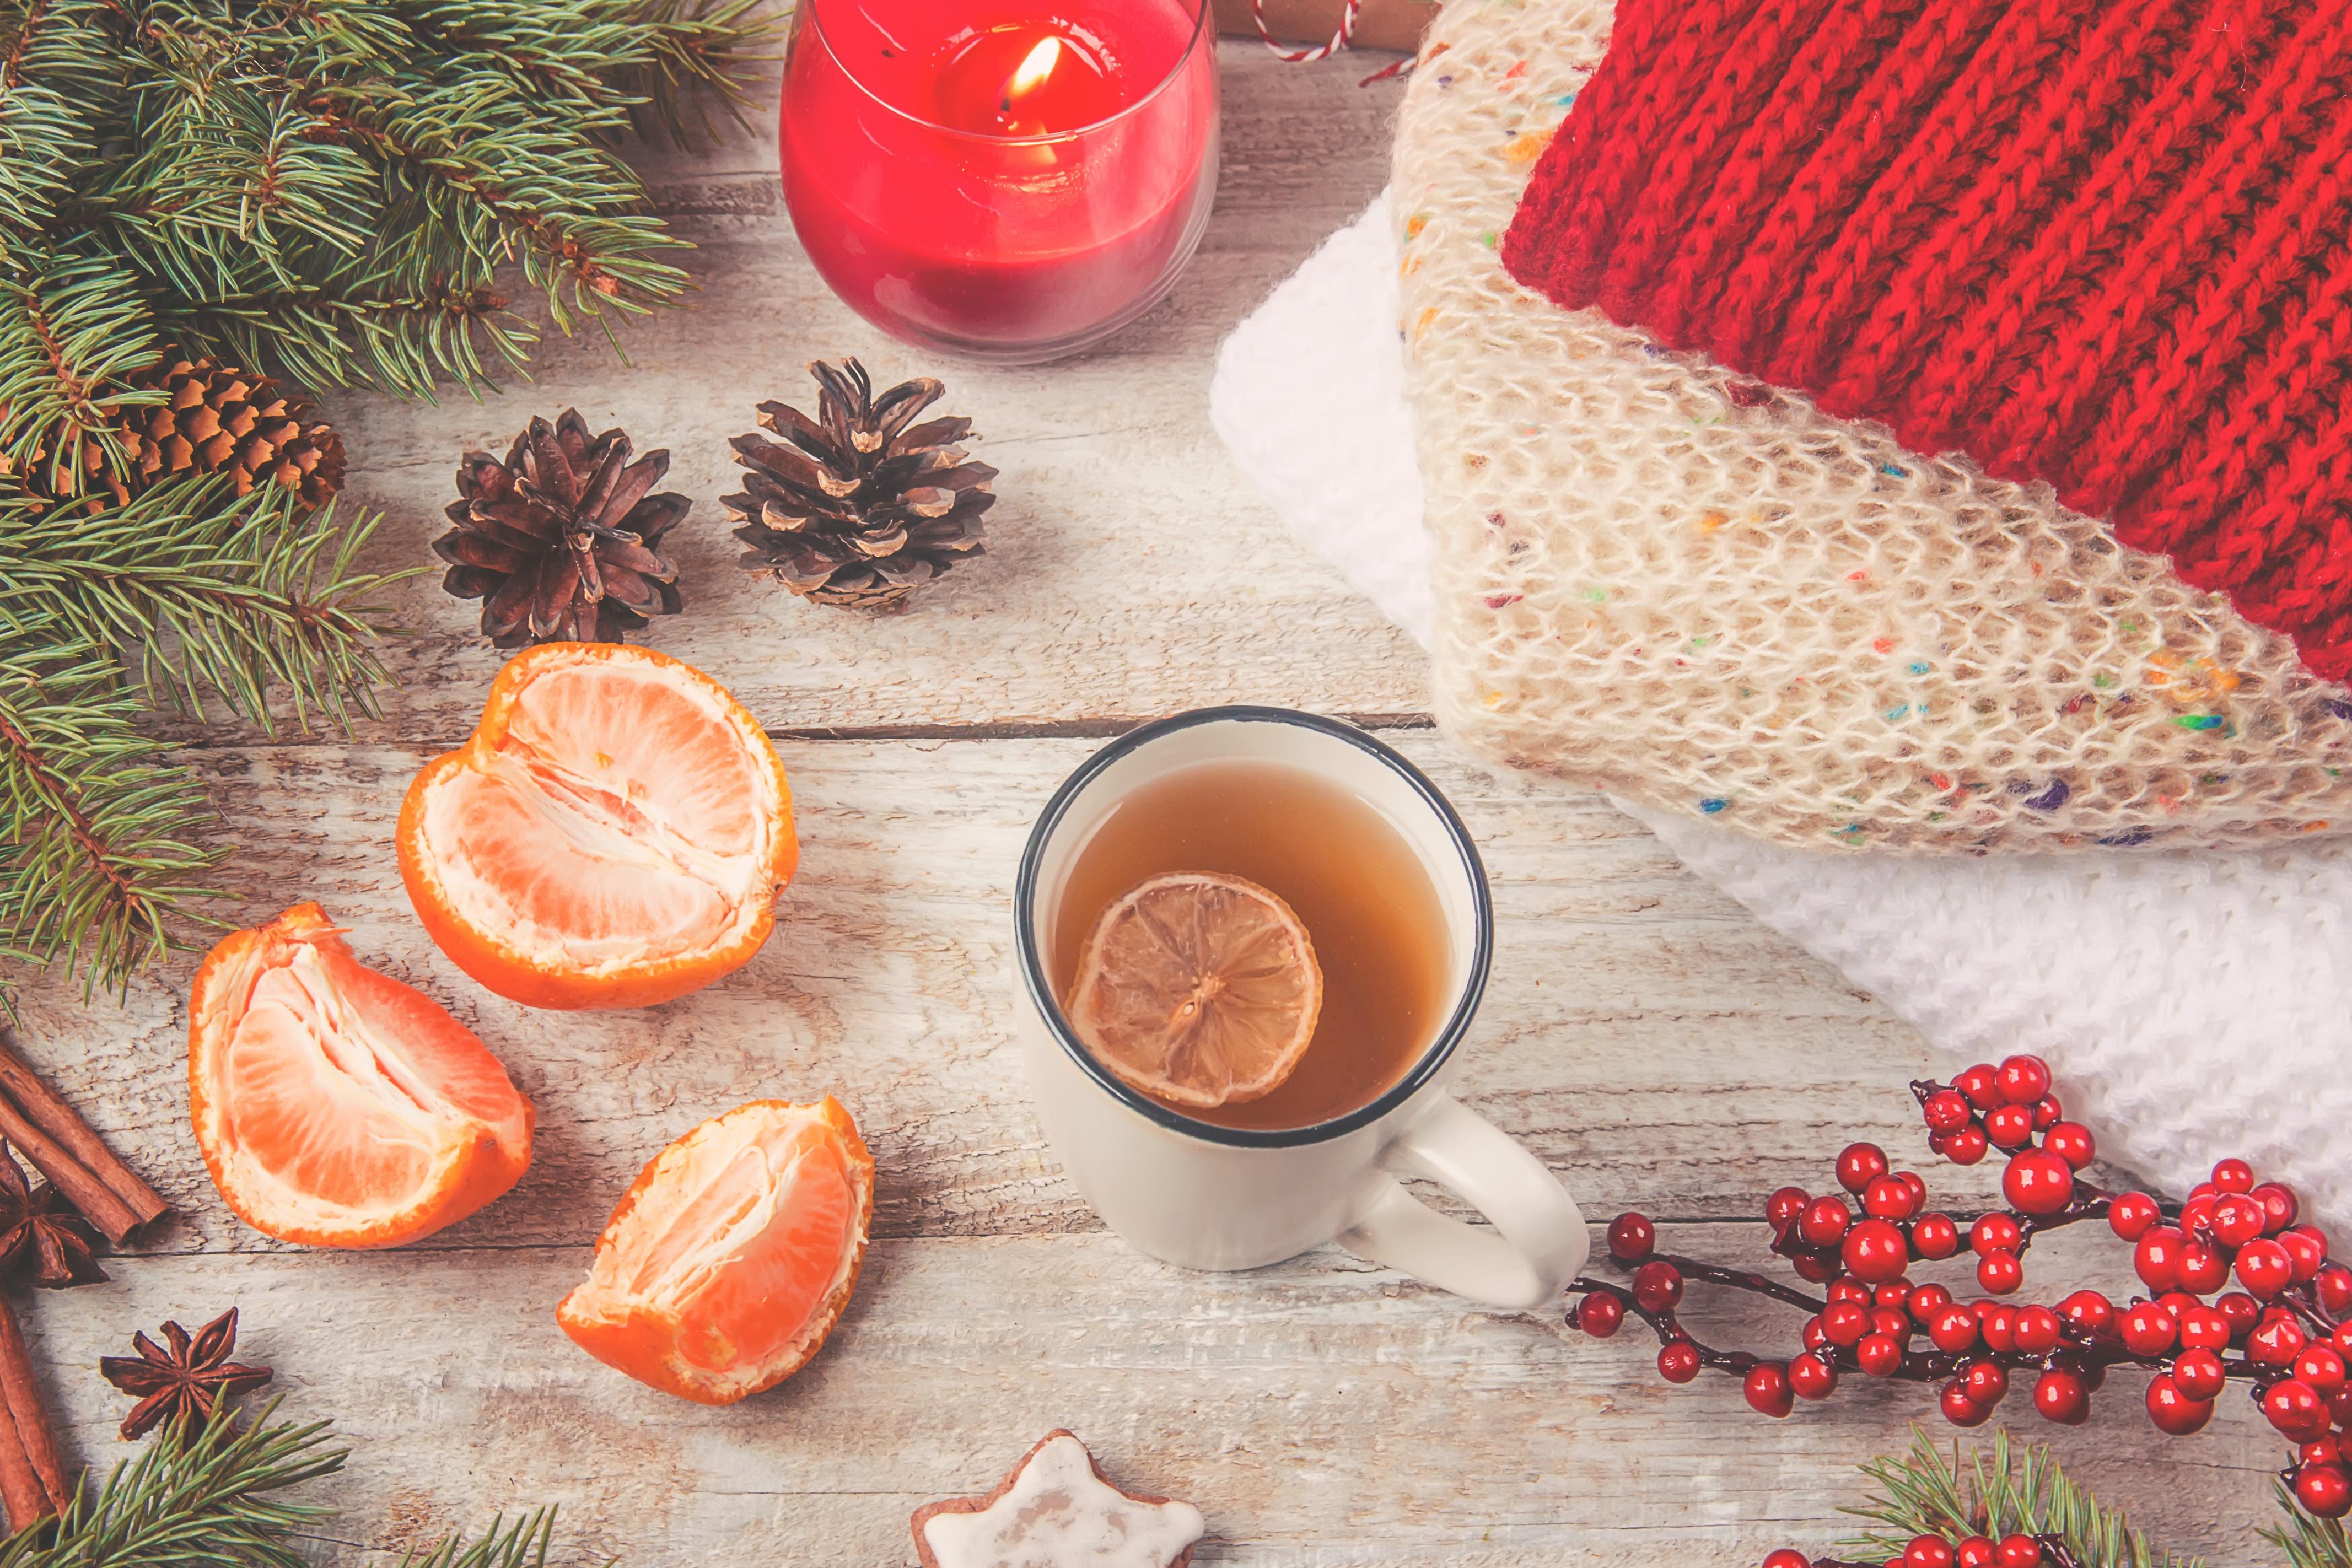 зимние картинки с чаем и елкой это место